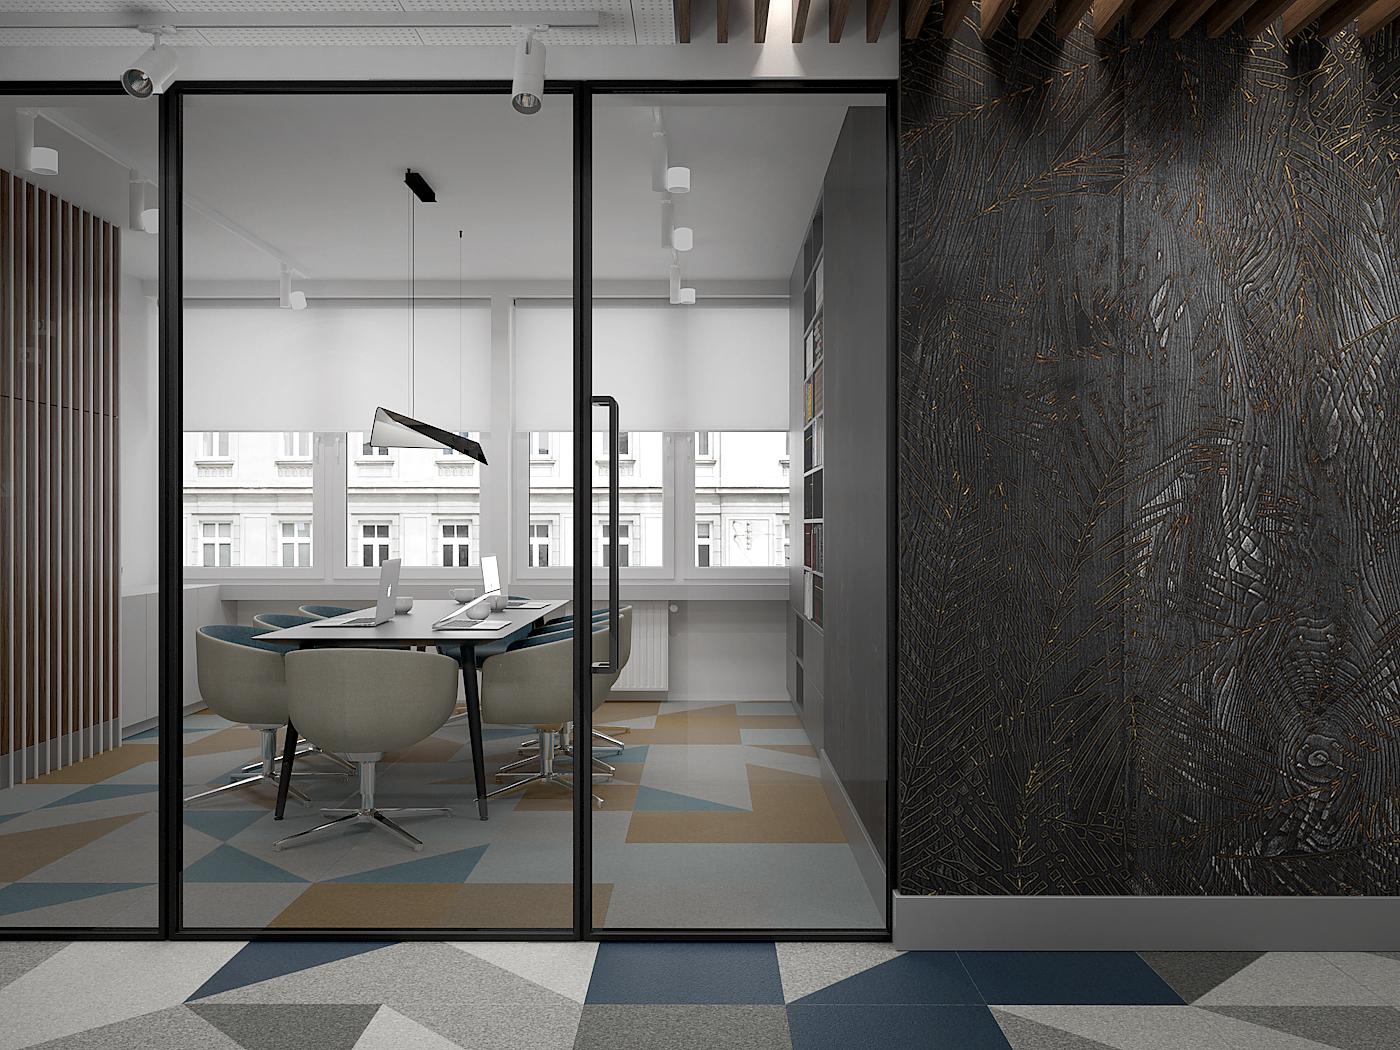 5 projekt biura B247 Kancelaria warszawa korytarz przeszklona scian do sali konferencyjnej tapeta na scianie wykladzina obiektowa